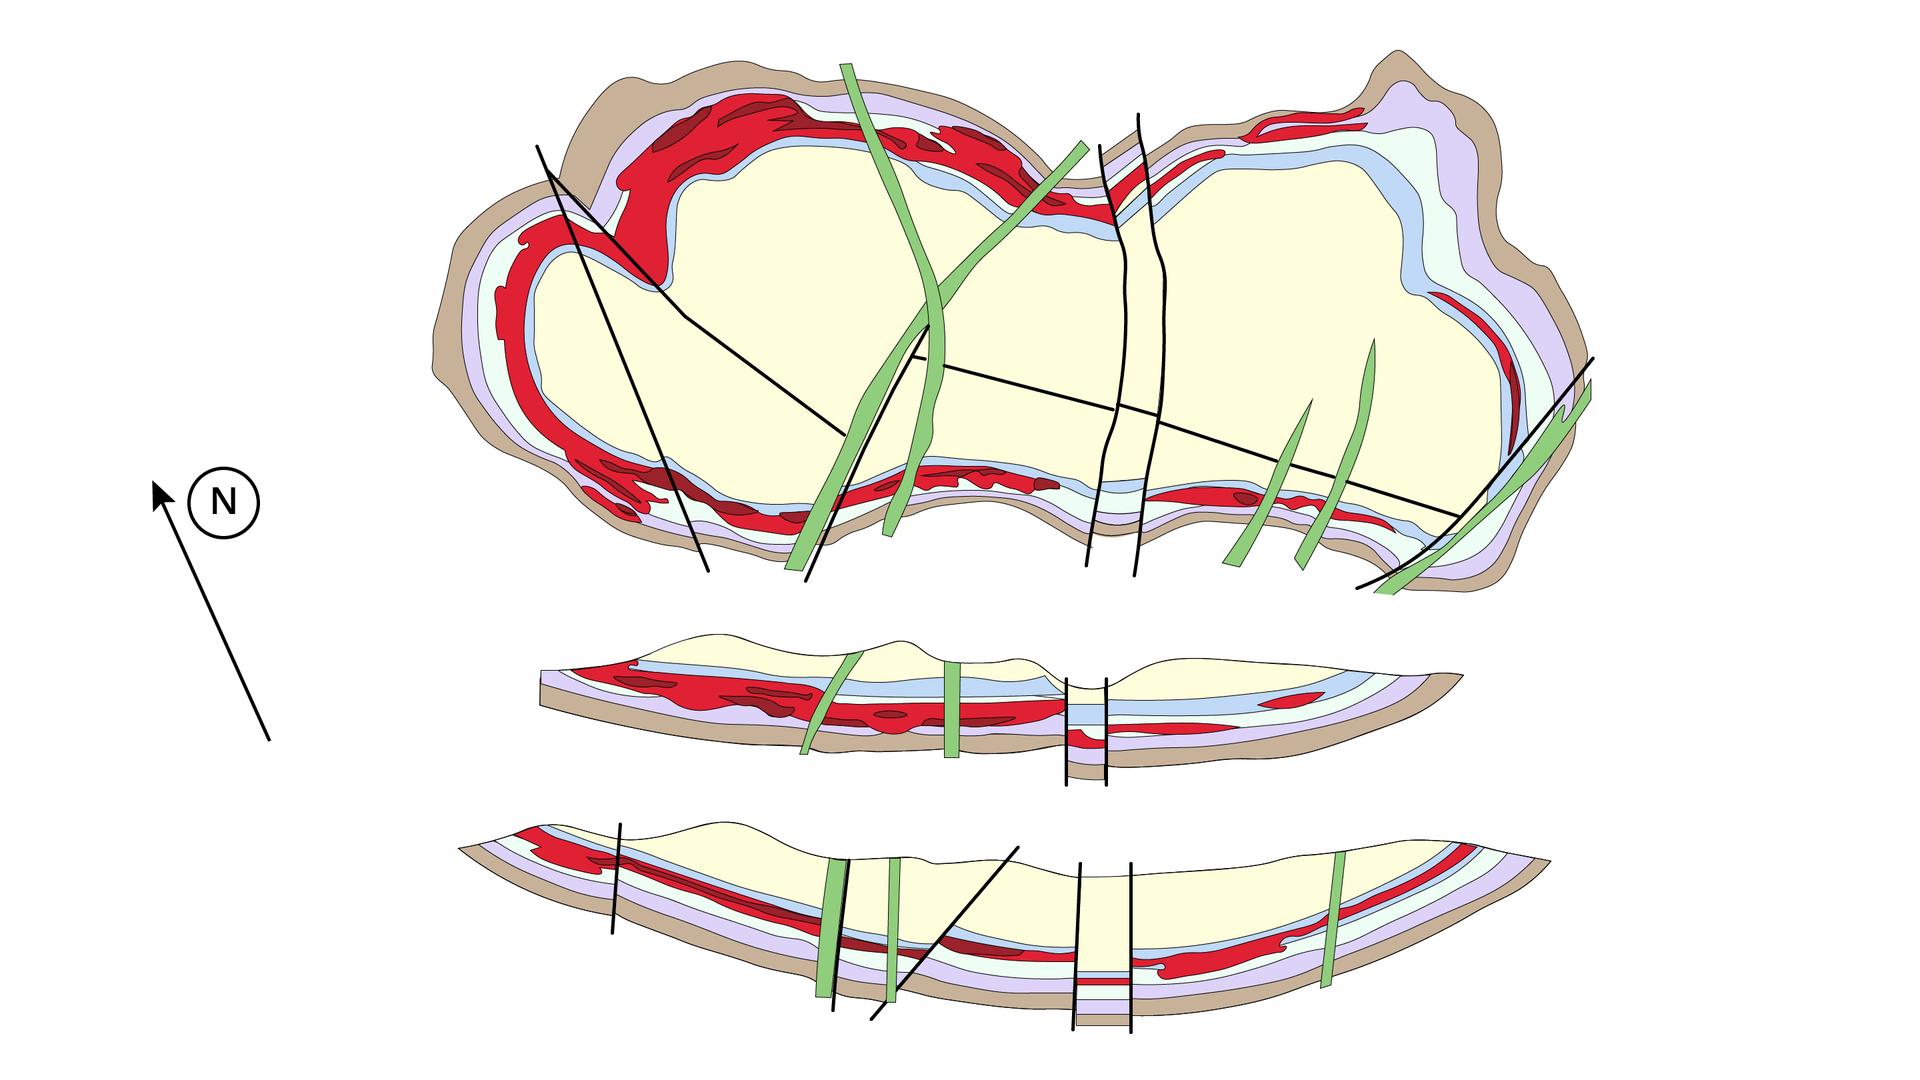 Schemat przedstawia złoża miedzi wkopalni Udokan wRosji. Zaprezentowano trzy warstwy jedna nad drugą. Najgłębsza jest warstwa na samej górze ilustracji. Na przekroju znajdują się biegnące pionowo linie - wkierunku północno-wschodnim.